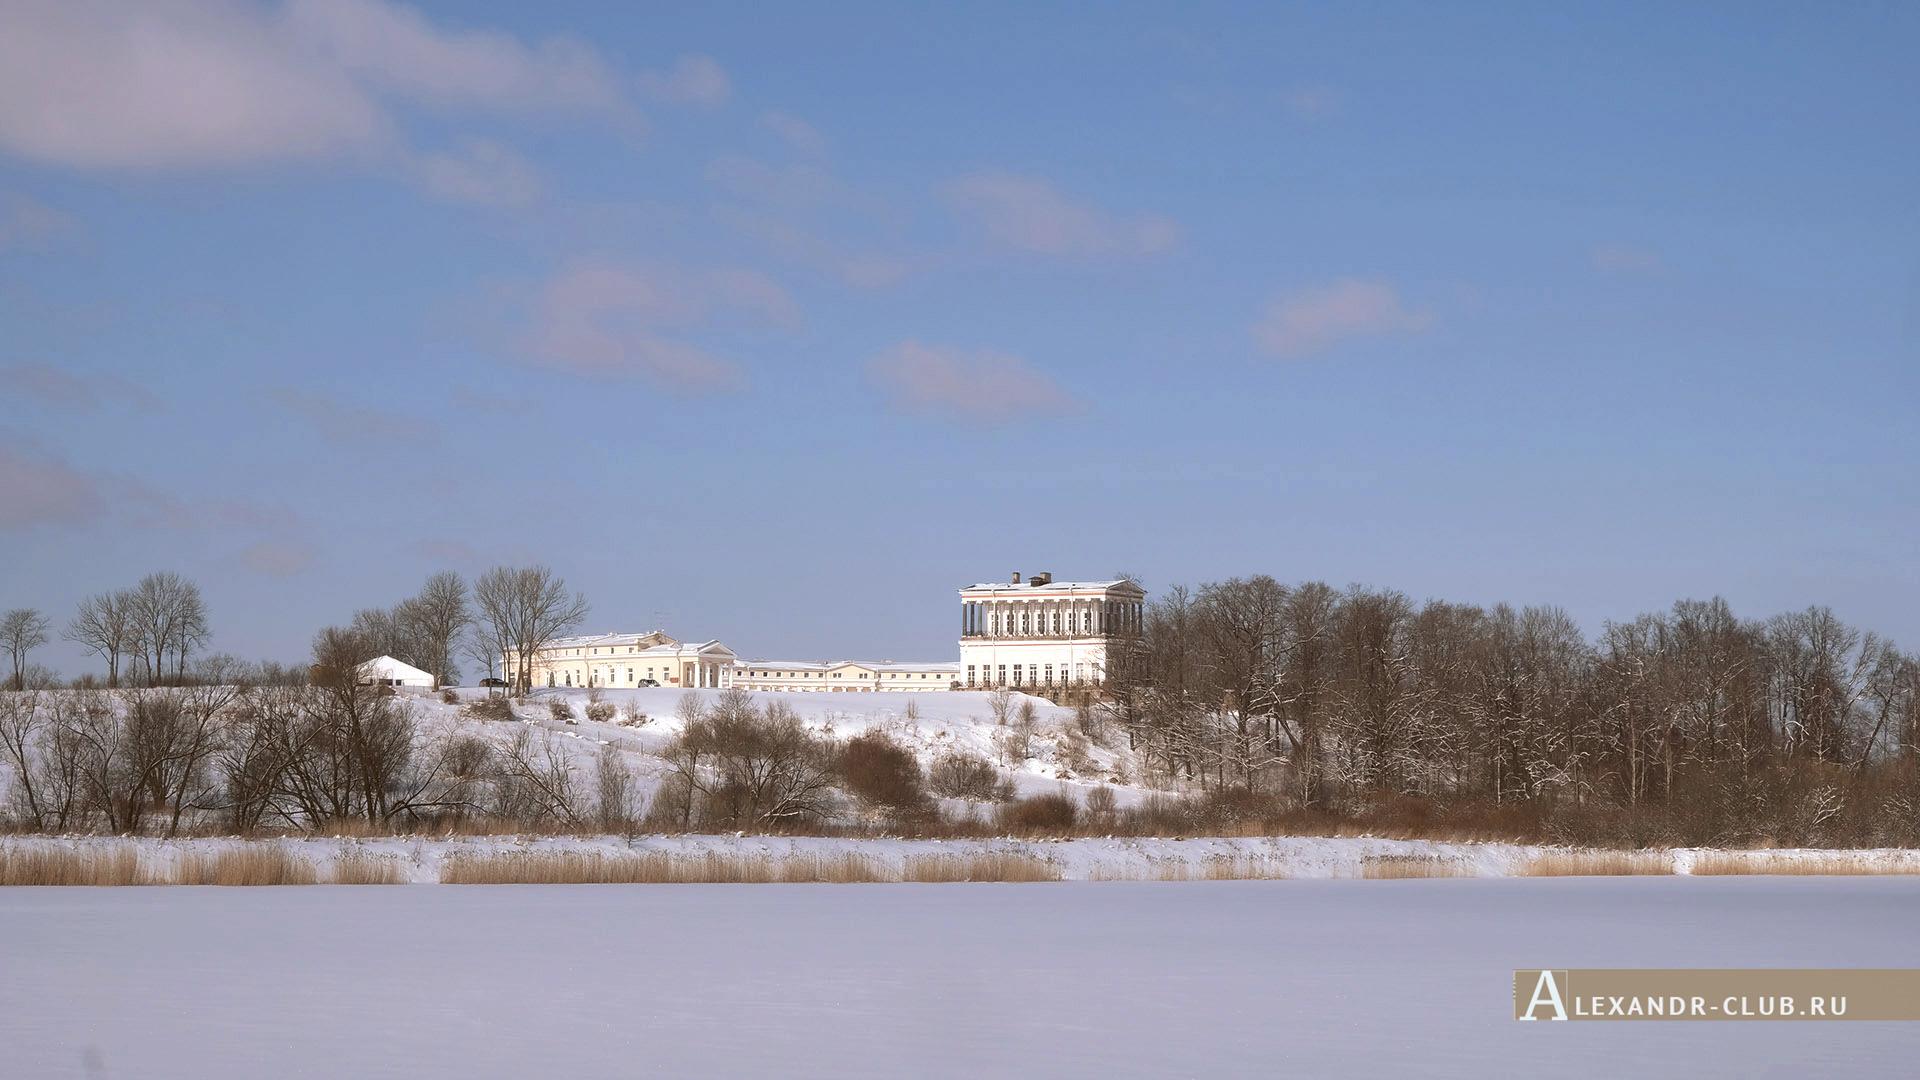 Петергоф, Луговой парк, зима, дворец Бельведер – 1